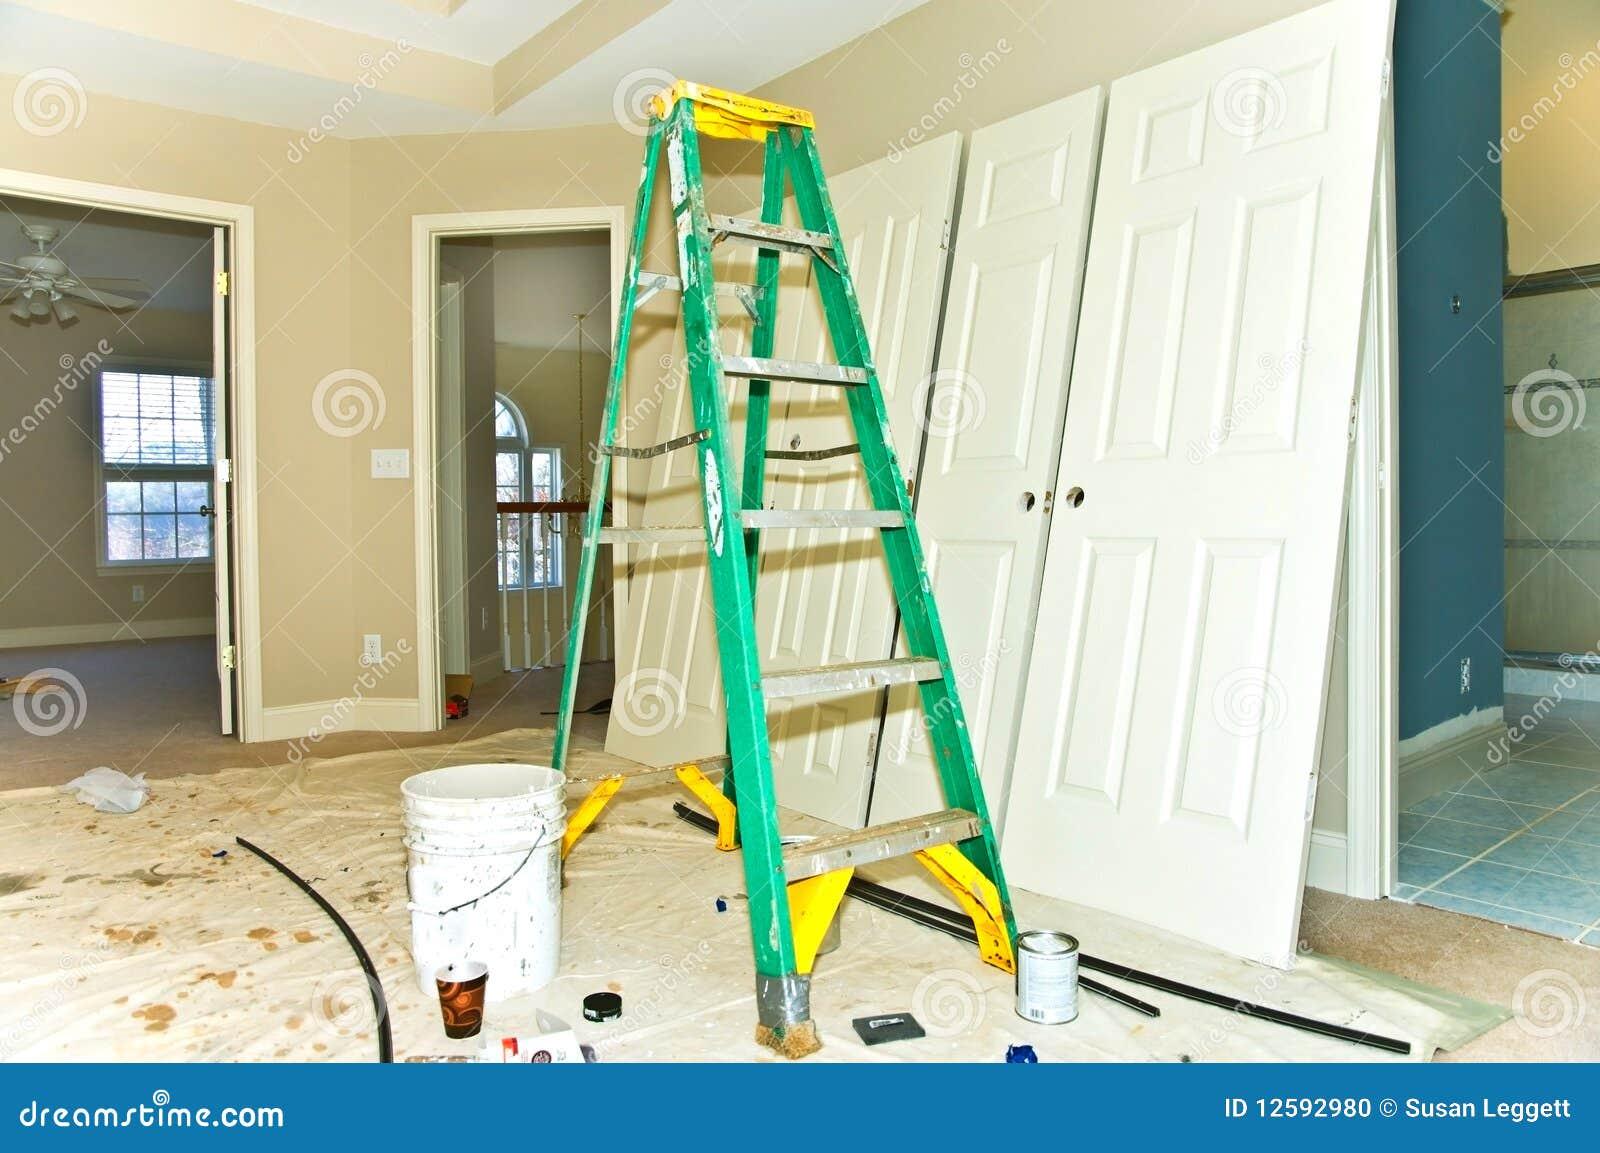 Diseño interior de remodelado casero